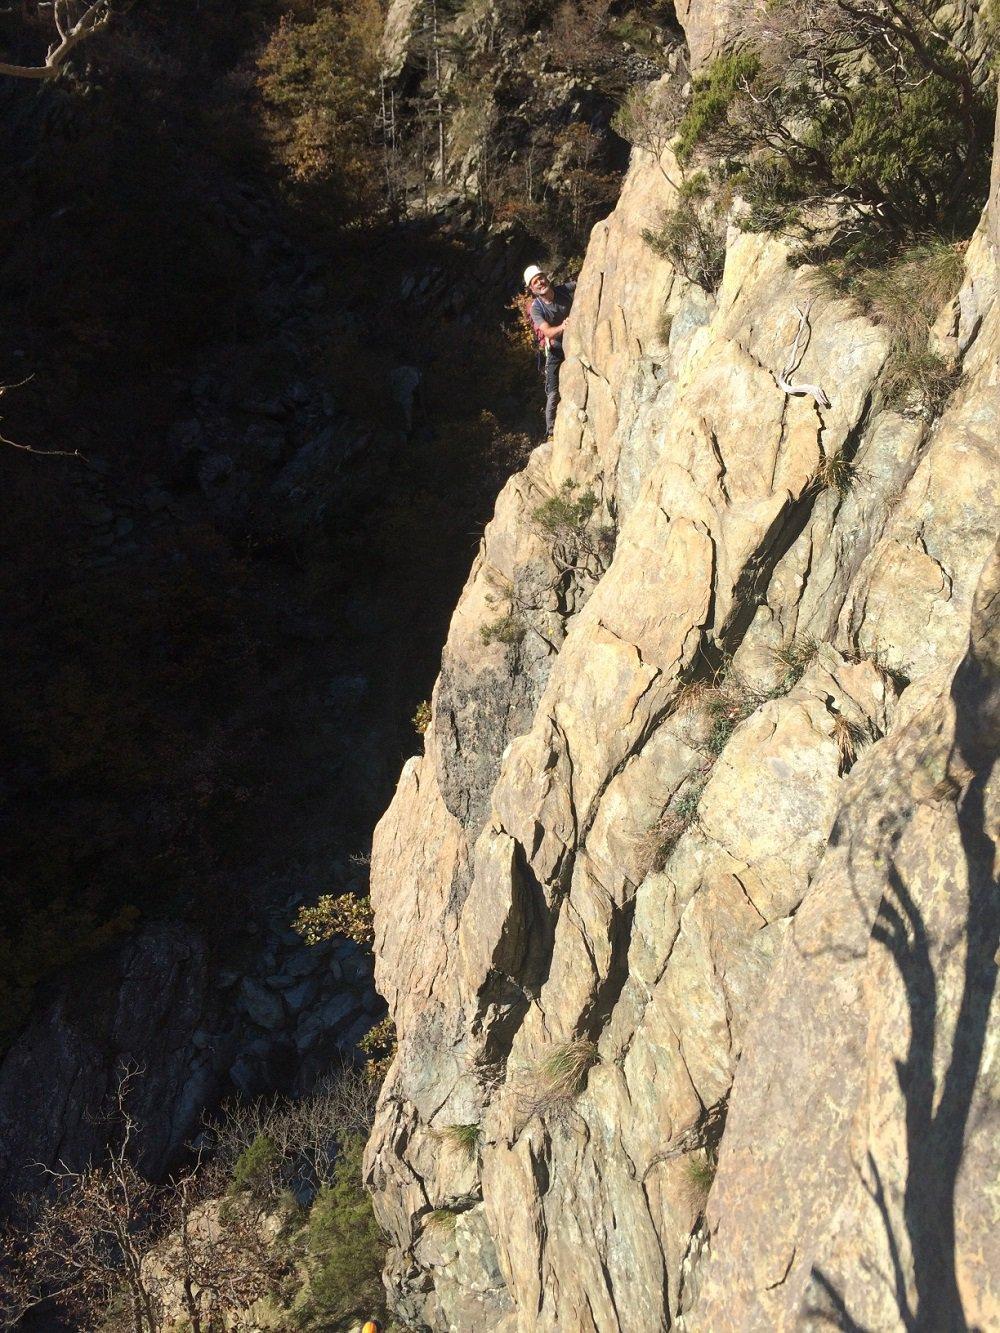 Rama (Monte) Cresta Sud al Castelletto del Rio Carbunea Via Naste-Lunasi 2015-11-08